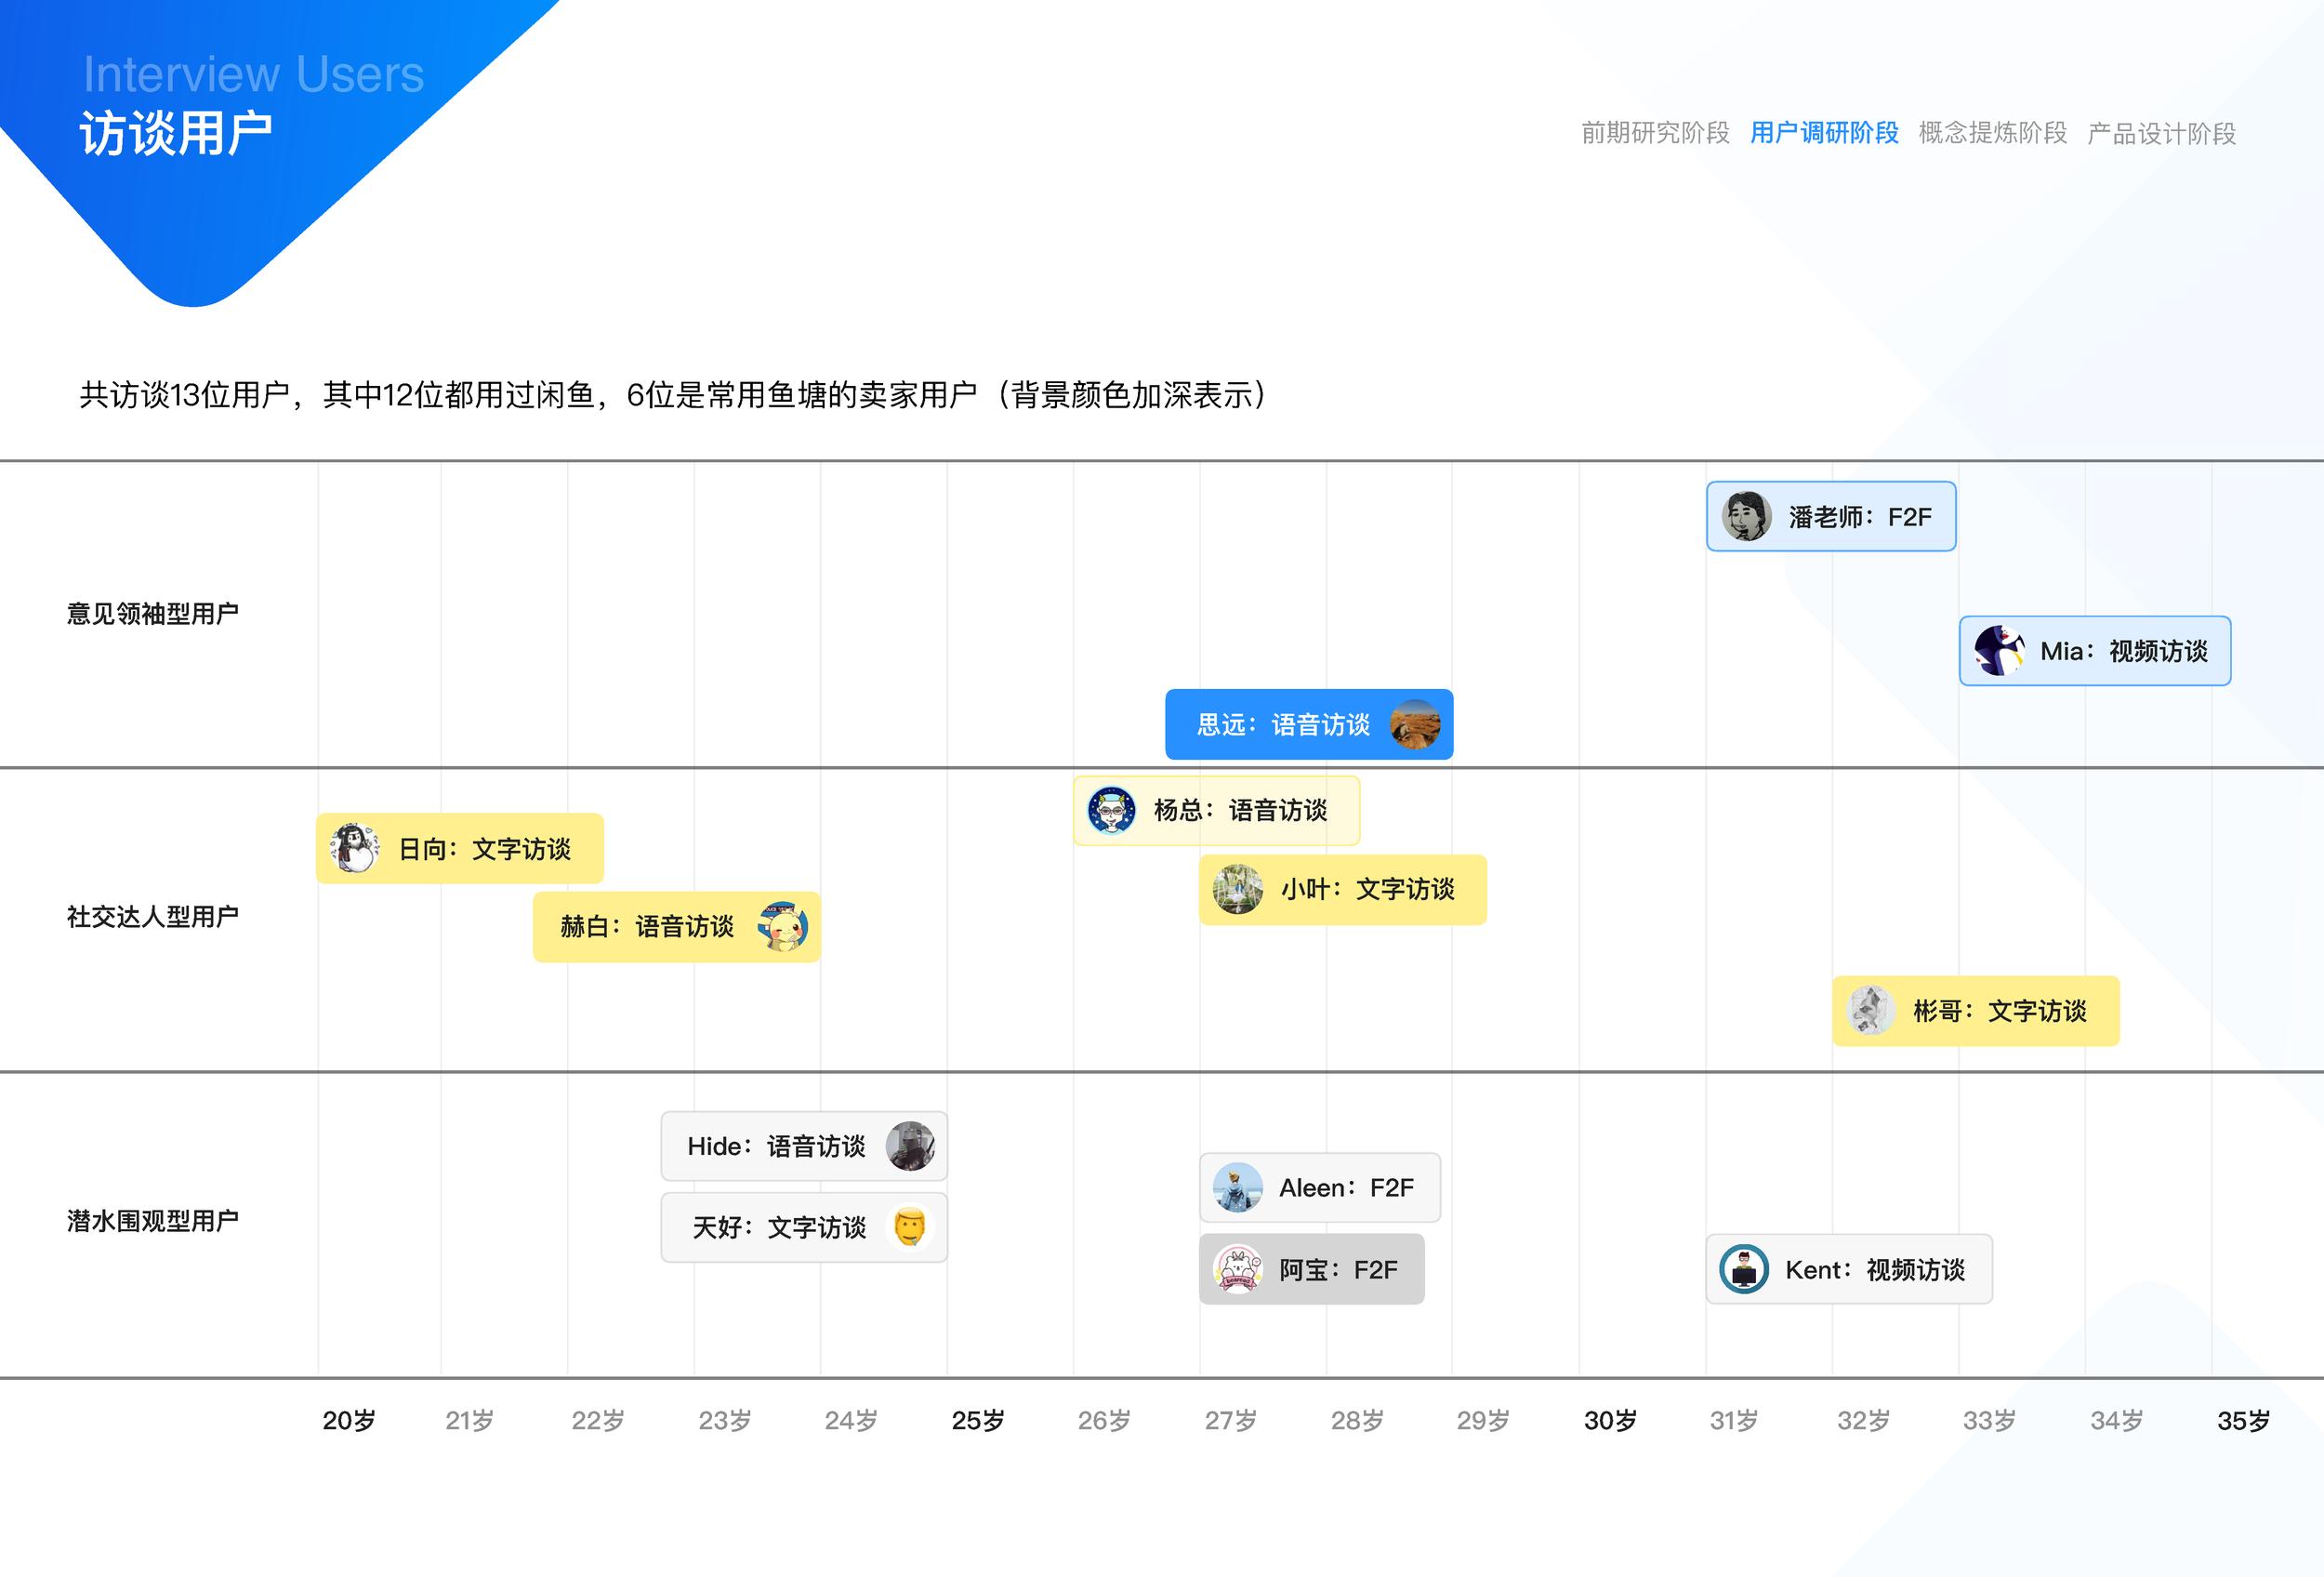 闲鱼社区互动设计(17小组油猫饼)_页面_08.png